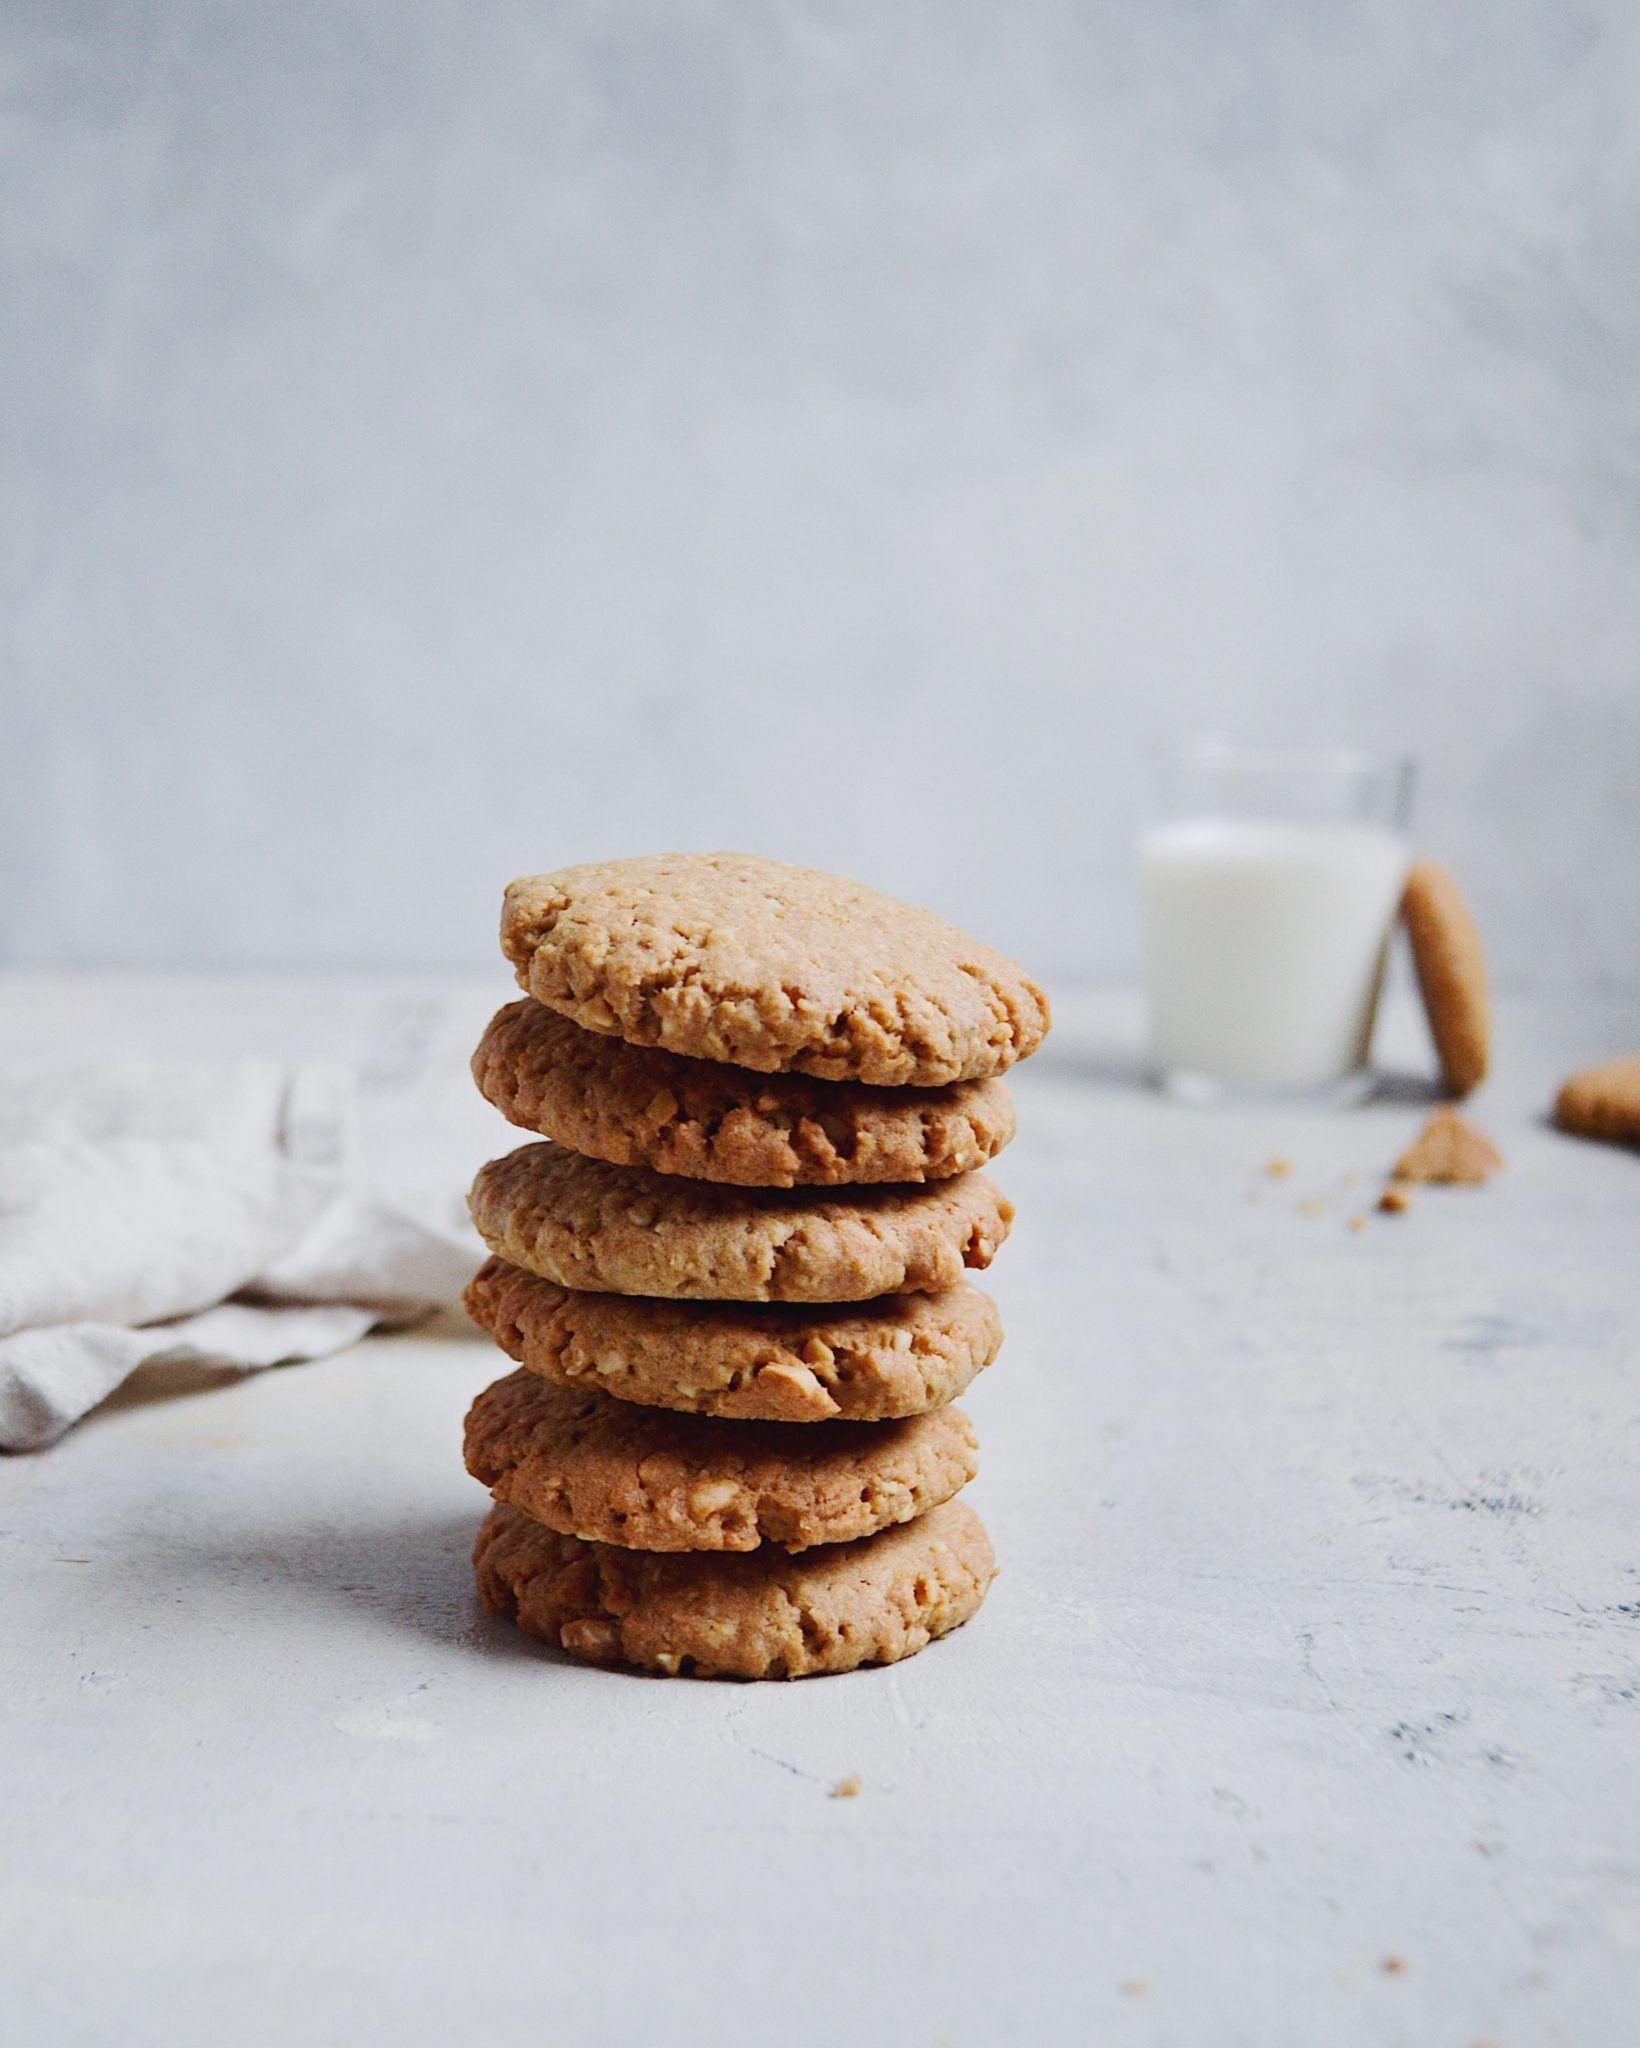 Småkager med mandler og kokos - julesmåkager - Grødgrisen #vaniljekranseopskrift